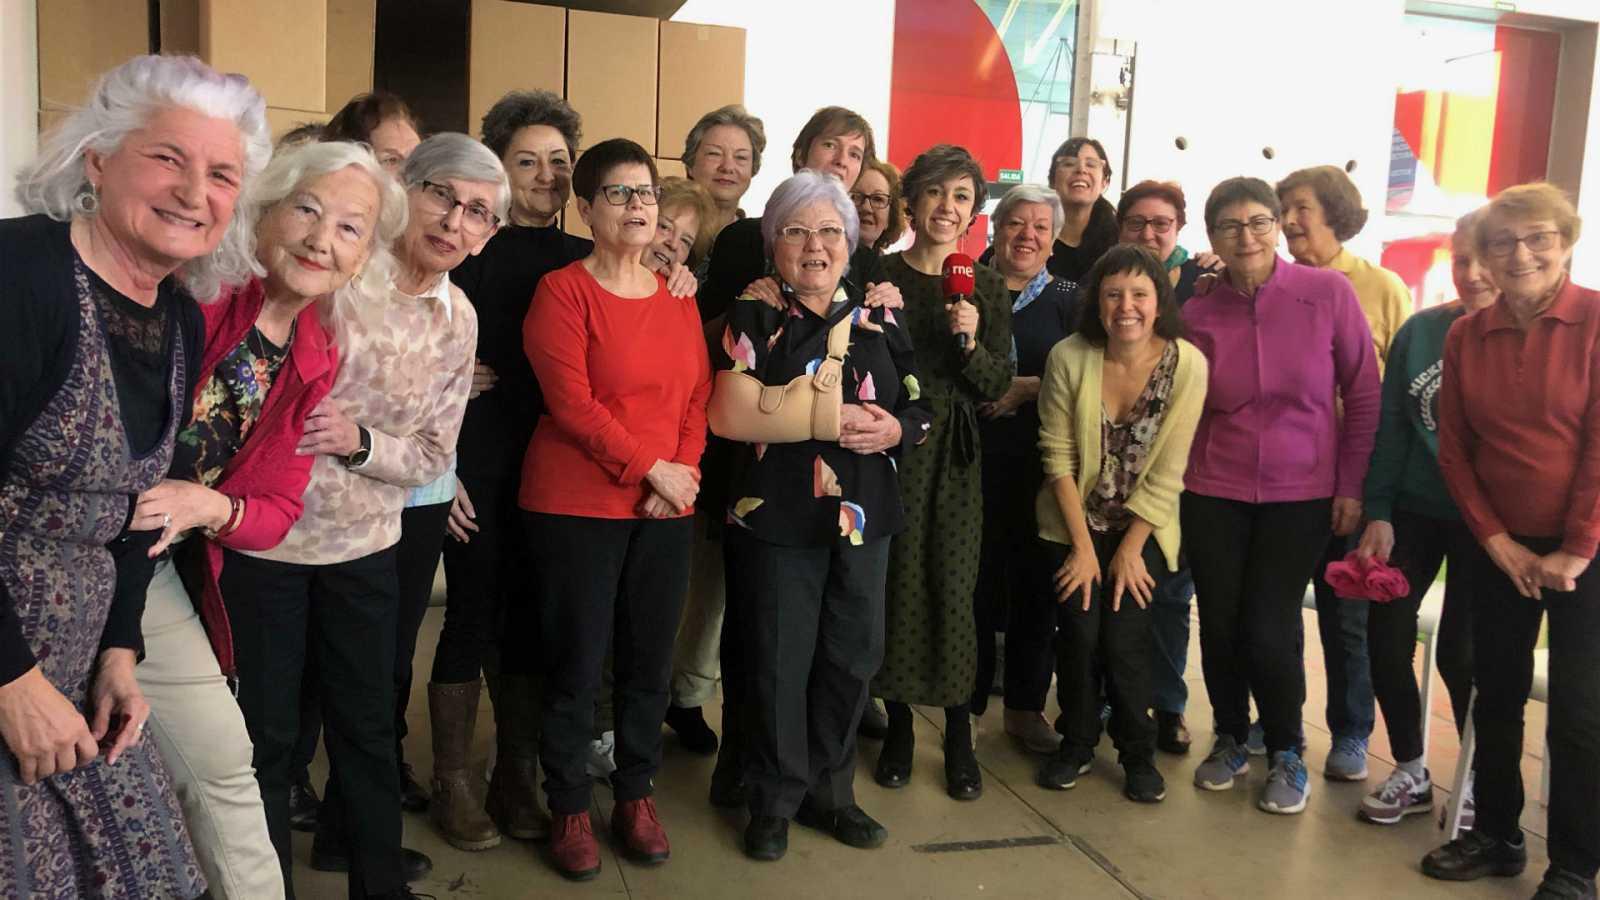 Todo Noticias - Mañana - Cotidianas: mujeres mayores venciendo a la soledad